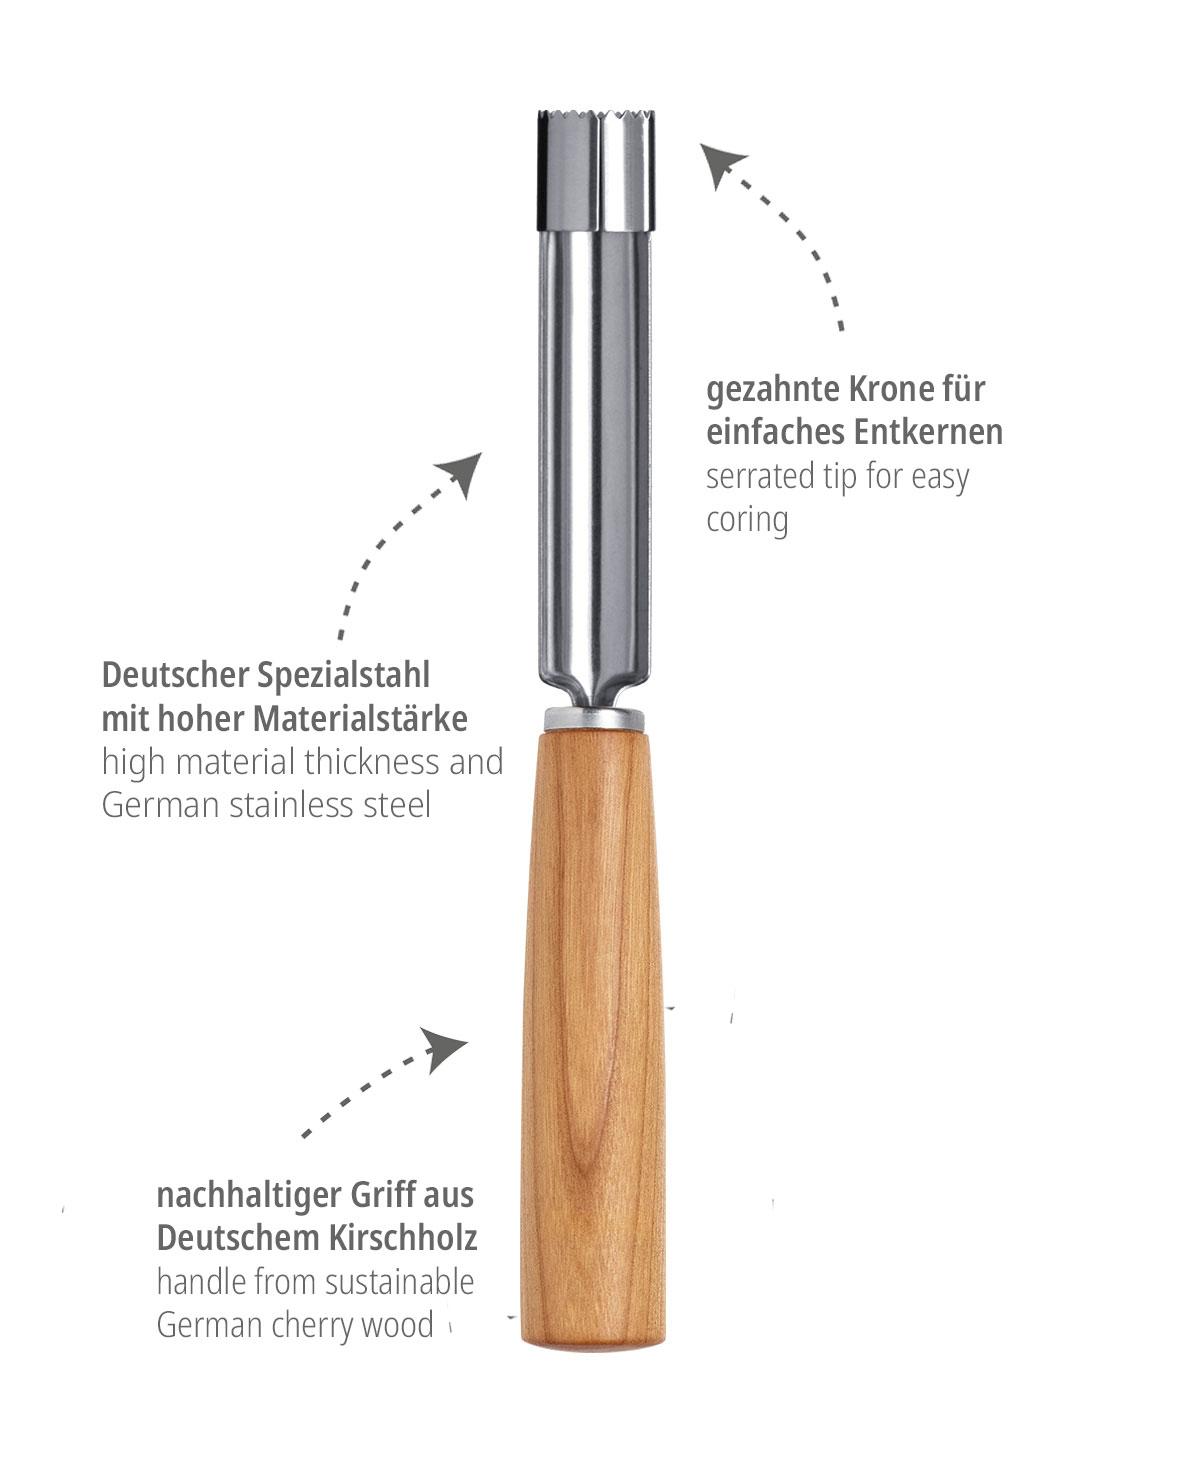 triangle Apfelentkerner Mood mit Kirschbaum Holzgriff Kirschholz Küchenwerkzeug Küchenwerkzeuge Küchenhelfer Made in Germany aus Deutschland Solingen nachhaltig umweltfreundlich